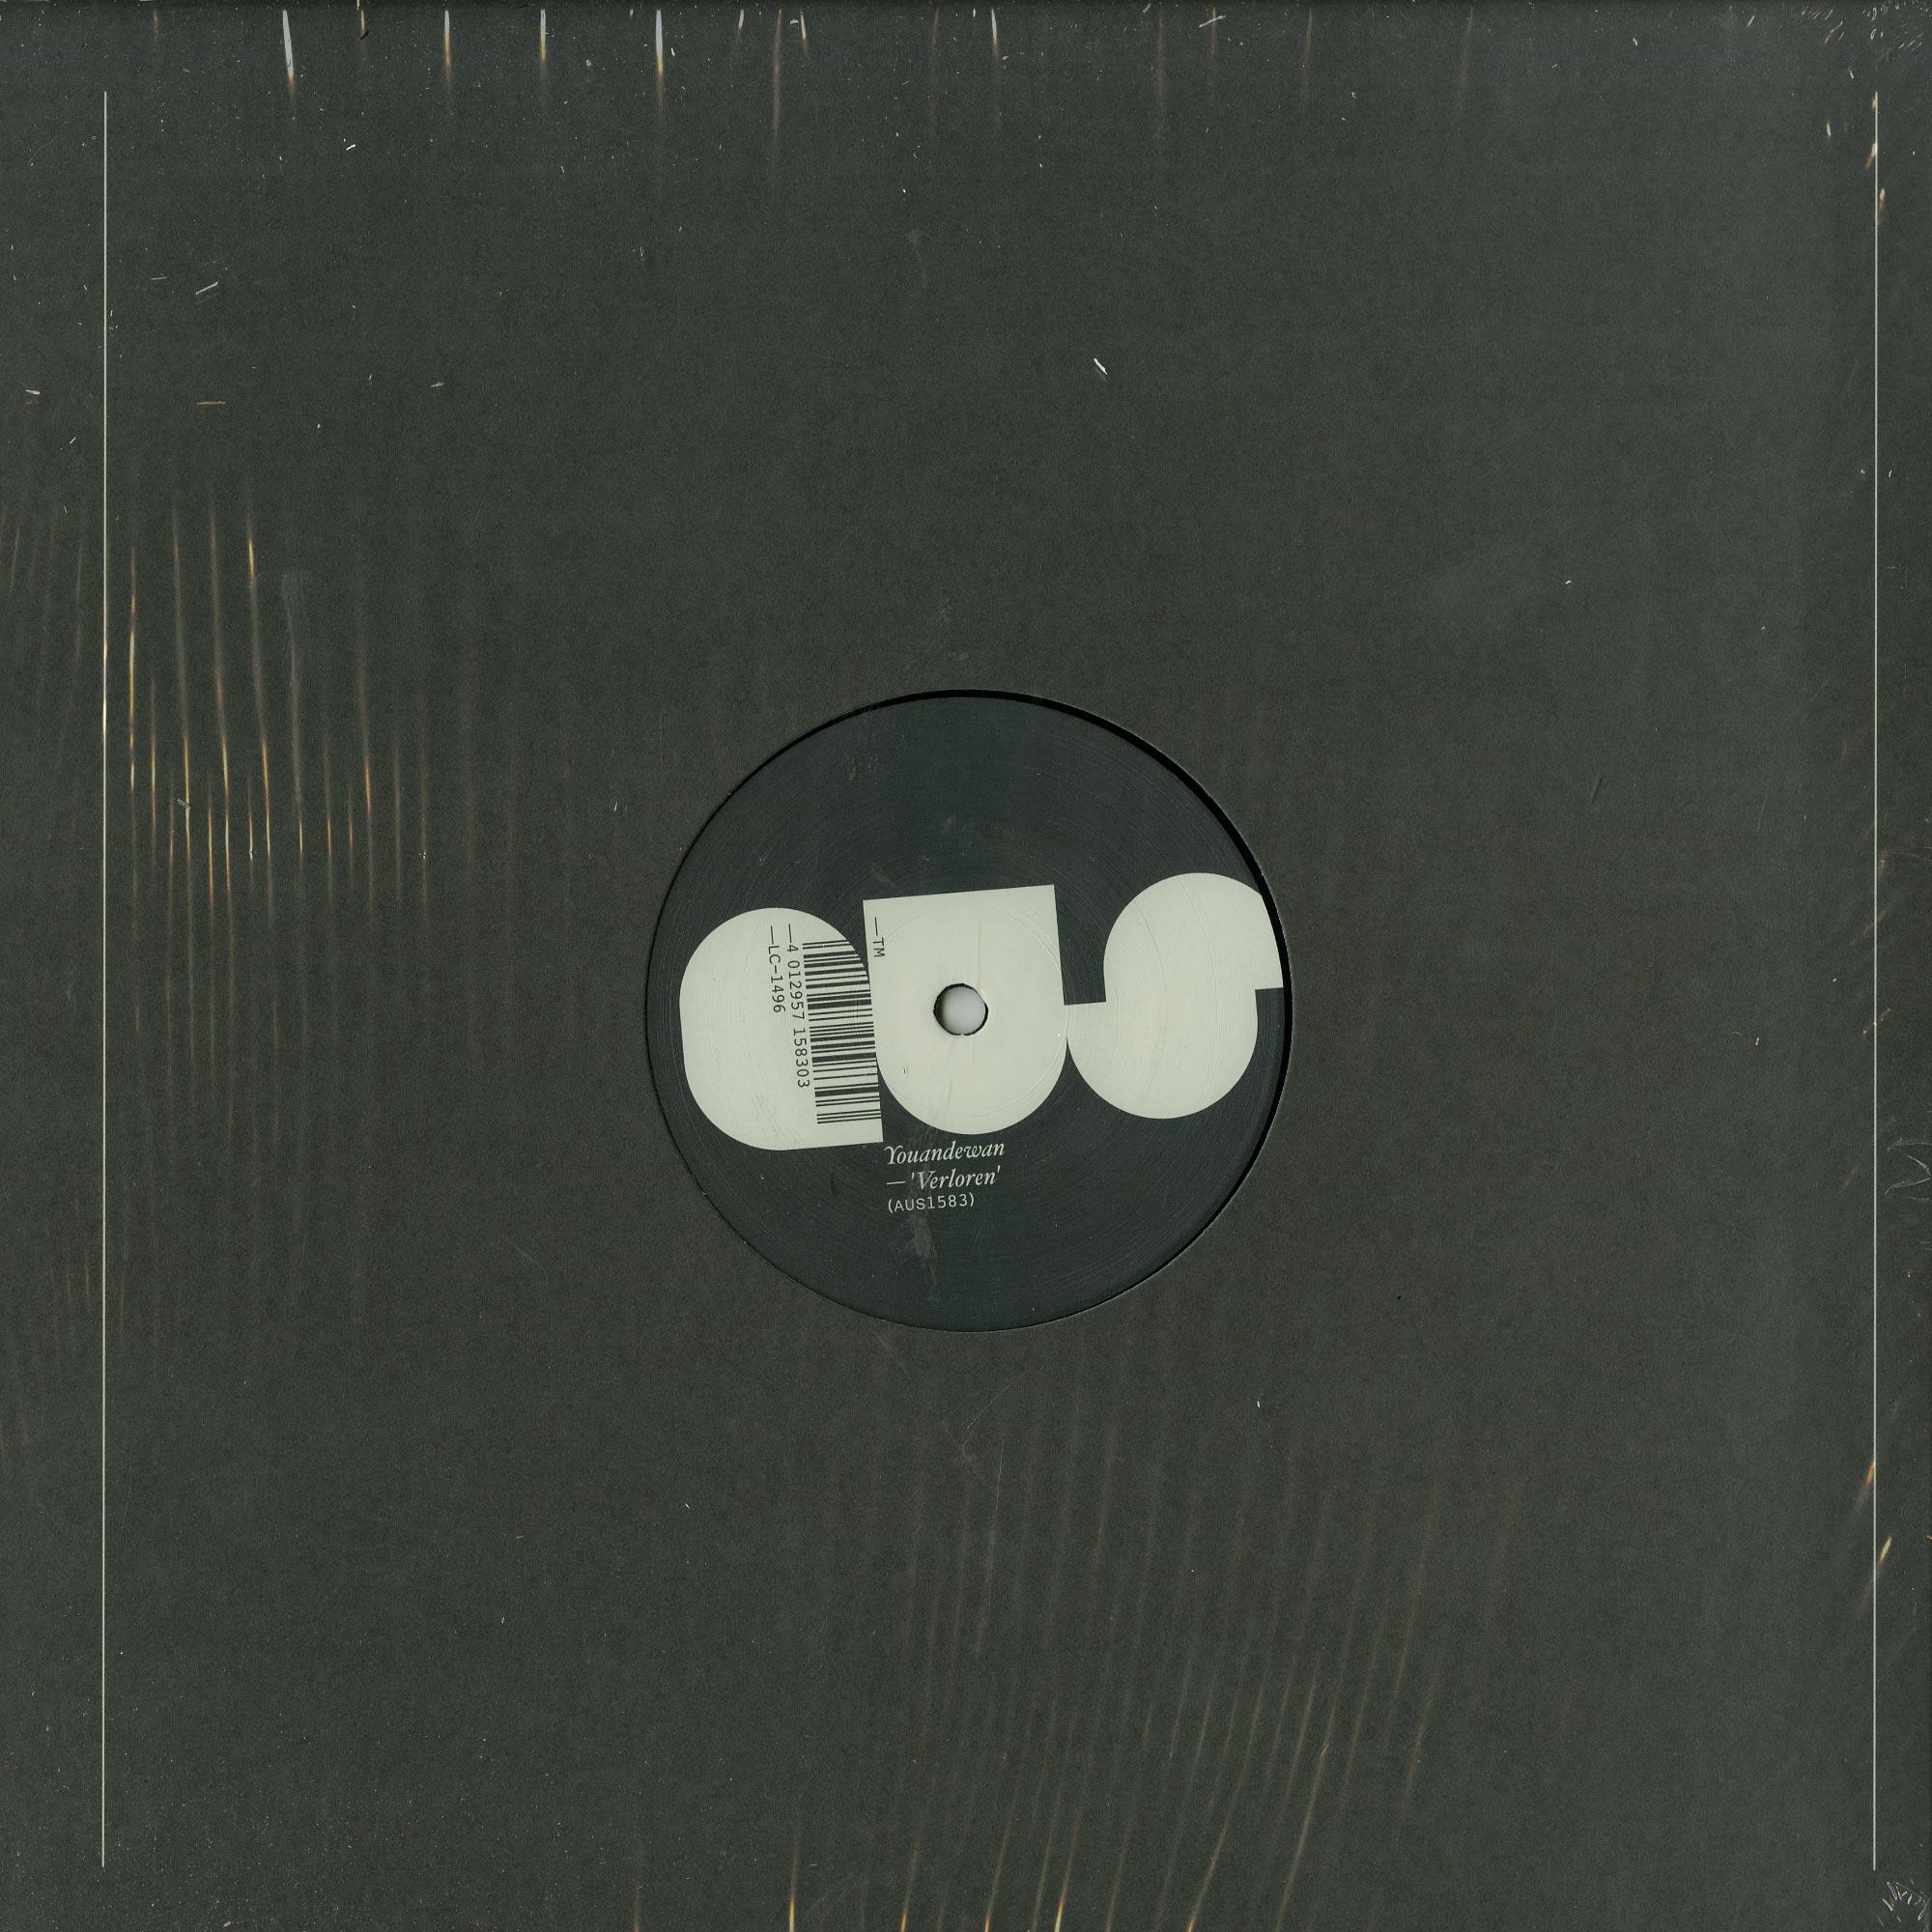 Youandewan - VERLOREN